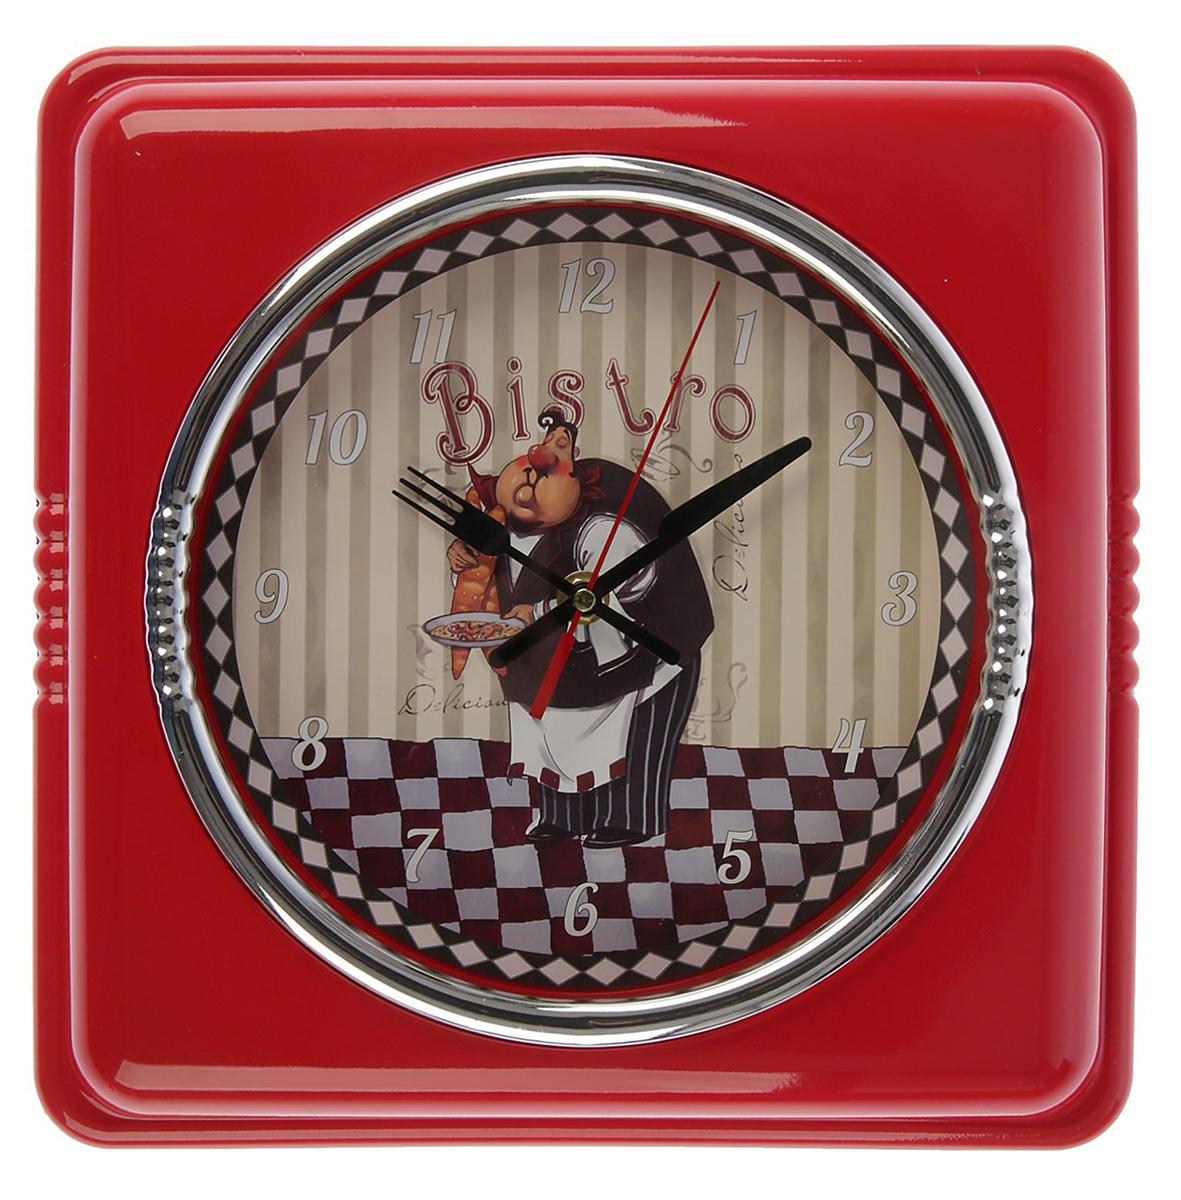 Часы настенные Поваренок, цвет: красный, 30 х 30 см2581947Каждому хозяину периодически приходит мысль обновить свою квартиру, сделать ремонт, перестановку или кардинально поменять внешний вид каждой комнаты. — привлекательная деталь, которая поможет воплотить вашу интерьерную идею, создать неповторимую атмосферу в вашем доме. Окружите себя приятными мелочами, пусть они радуют глаз и дарят гармонию.Часы настенные Поварёнок, рама квадрат красная 30*30 2581947